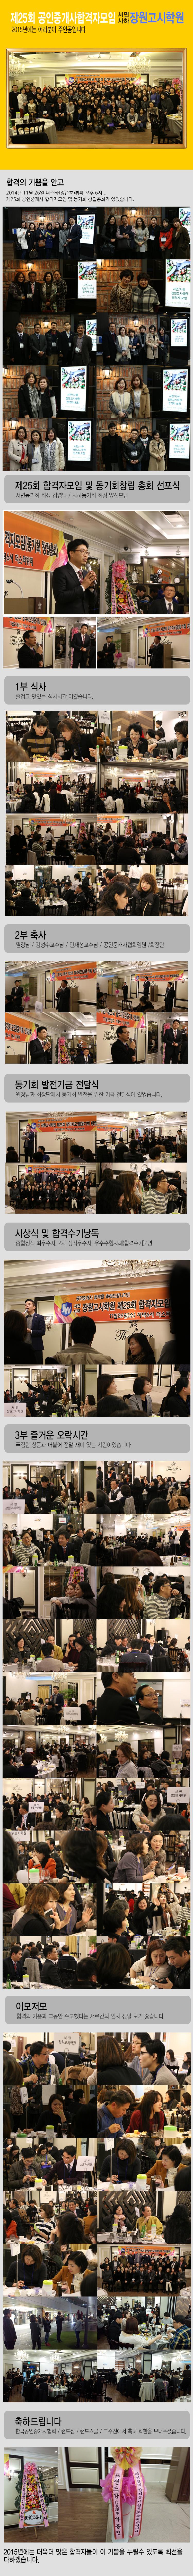 서면하단장원고시학원 부산공인중개사 제25회 합격자모임 행사와 명단